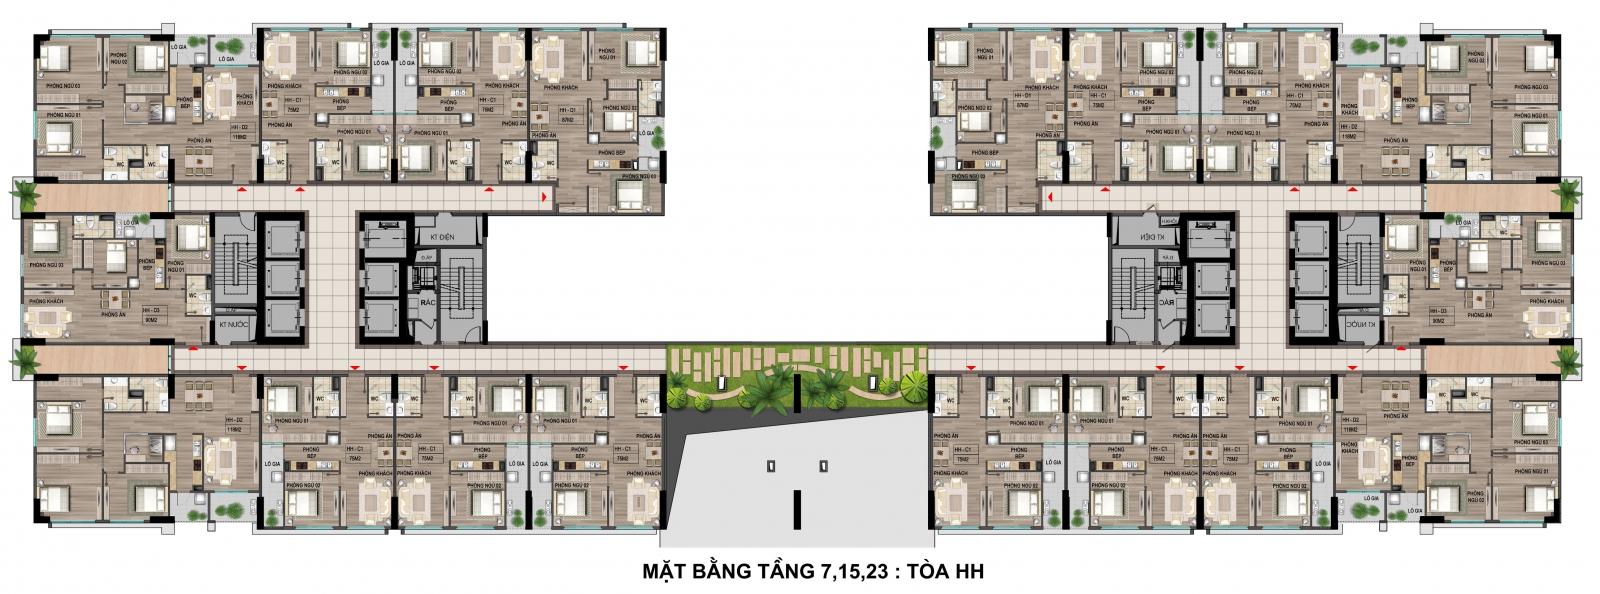 Mặt bằng tầng 7-15 - 23 tòa thương mại khu nhà ở xã hội Cổ nhuế